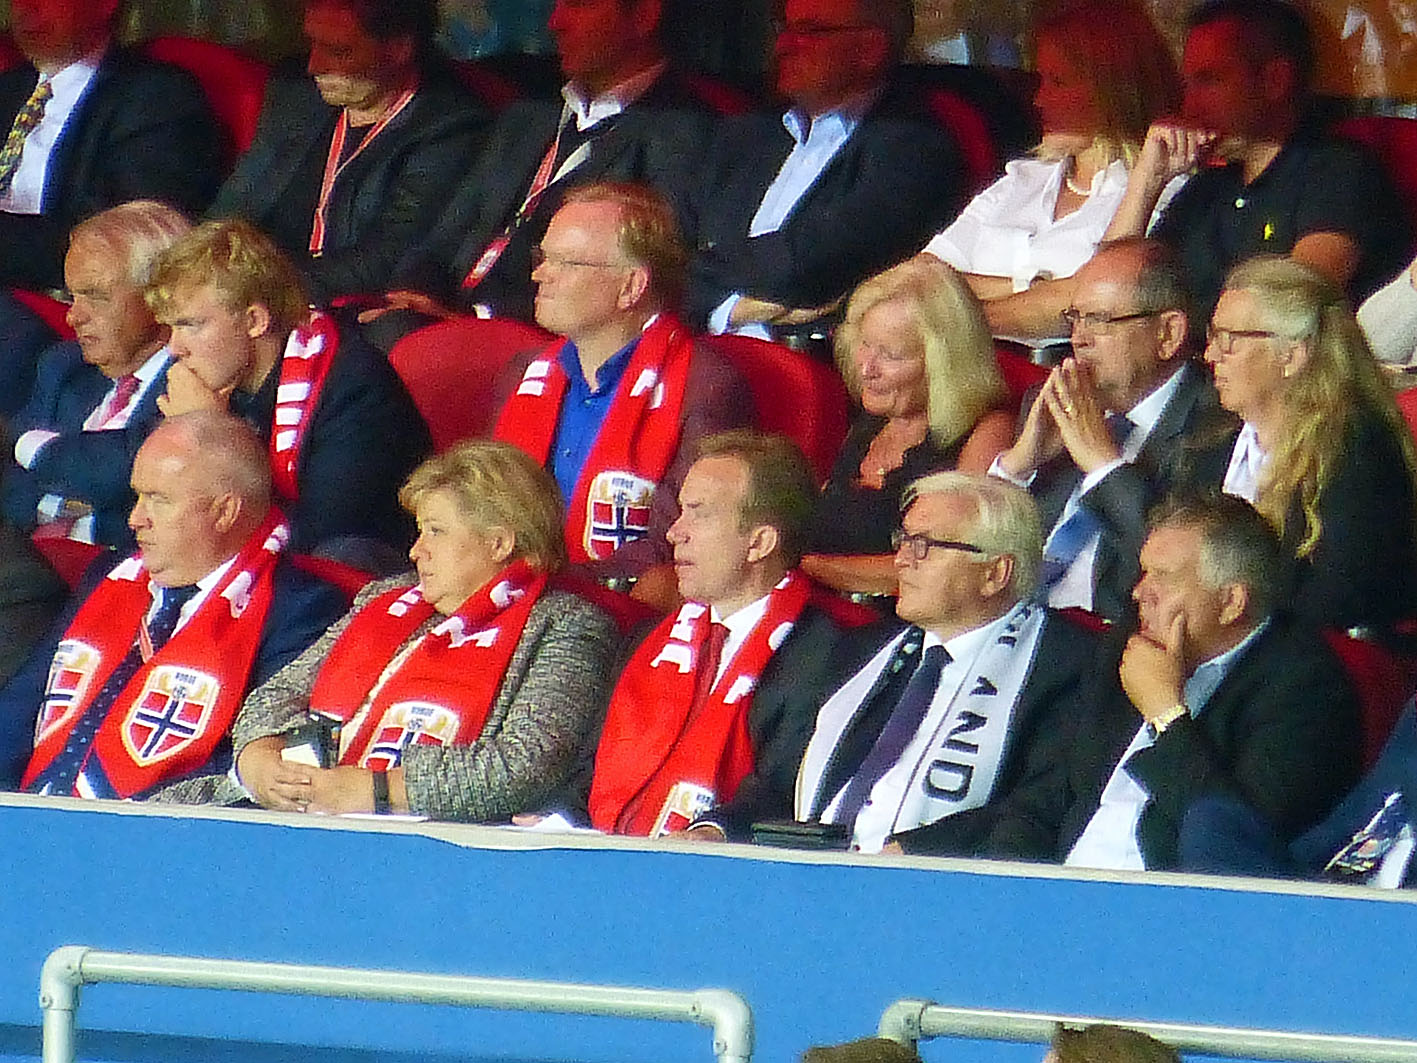 Zum Bundesaußenminister hat sich noch die norwegische Ministerpräsidentin gesellt. Sie wirkte so interessiert wie die Brasilianische Präsidentin geschaut hat als sie Phillip Lahm 2014 den WM Pokal überreichte... - extrem gelangweilt...